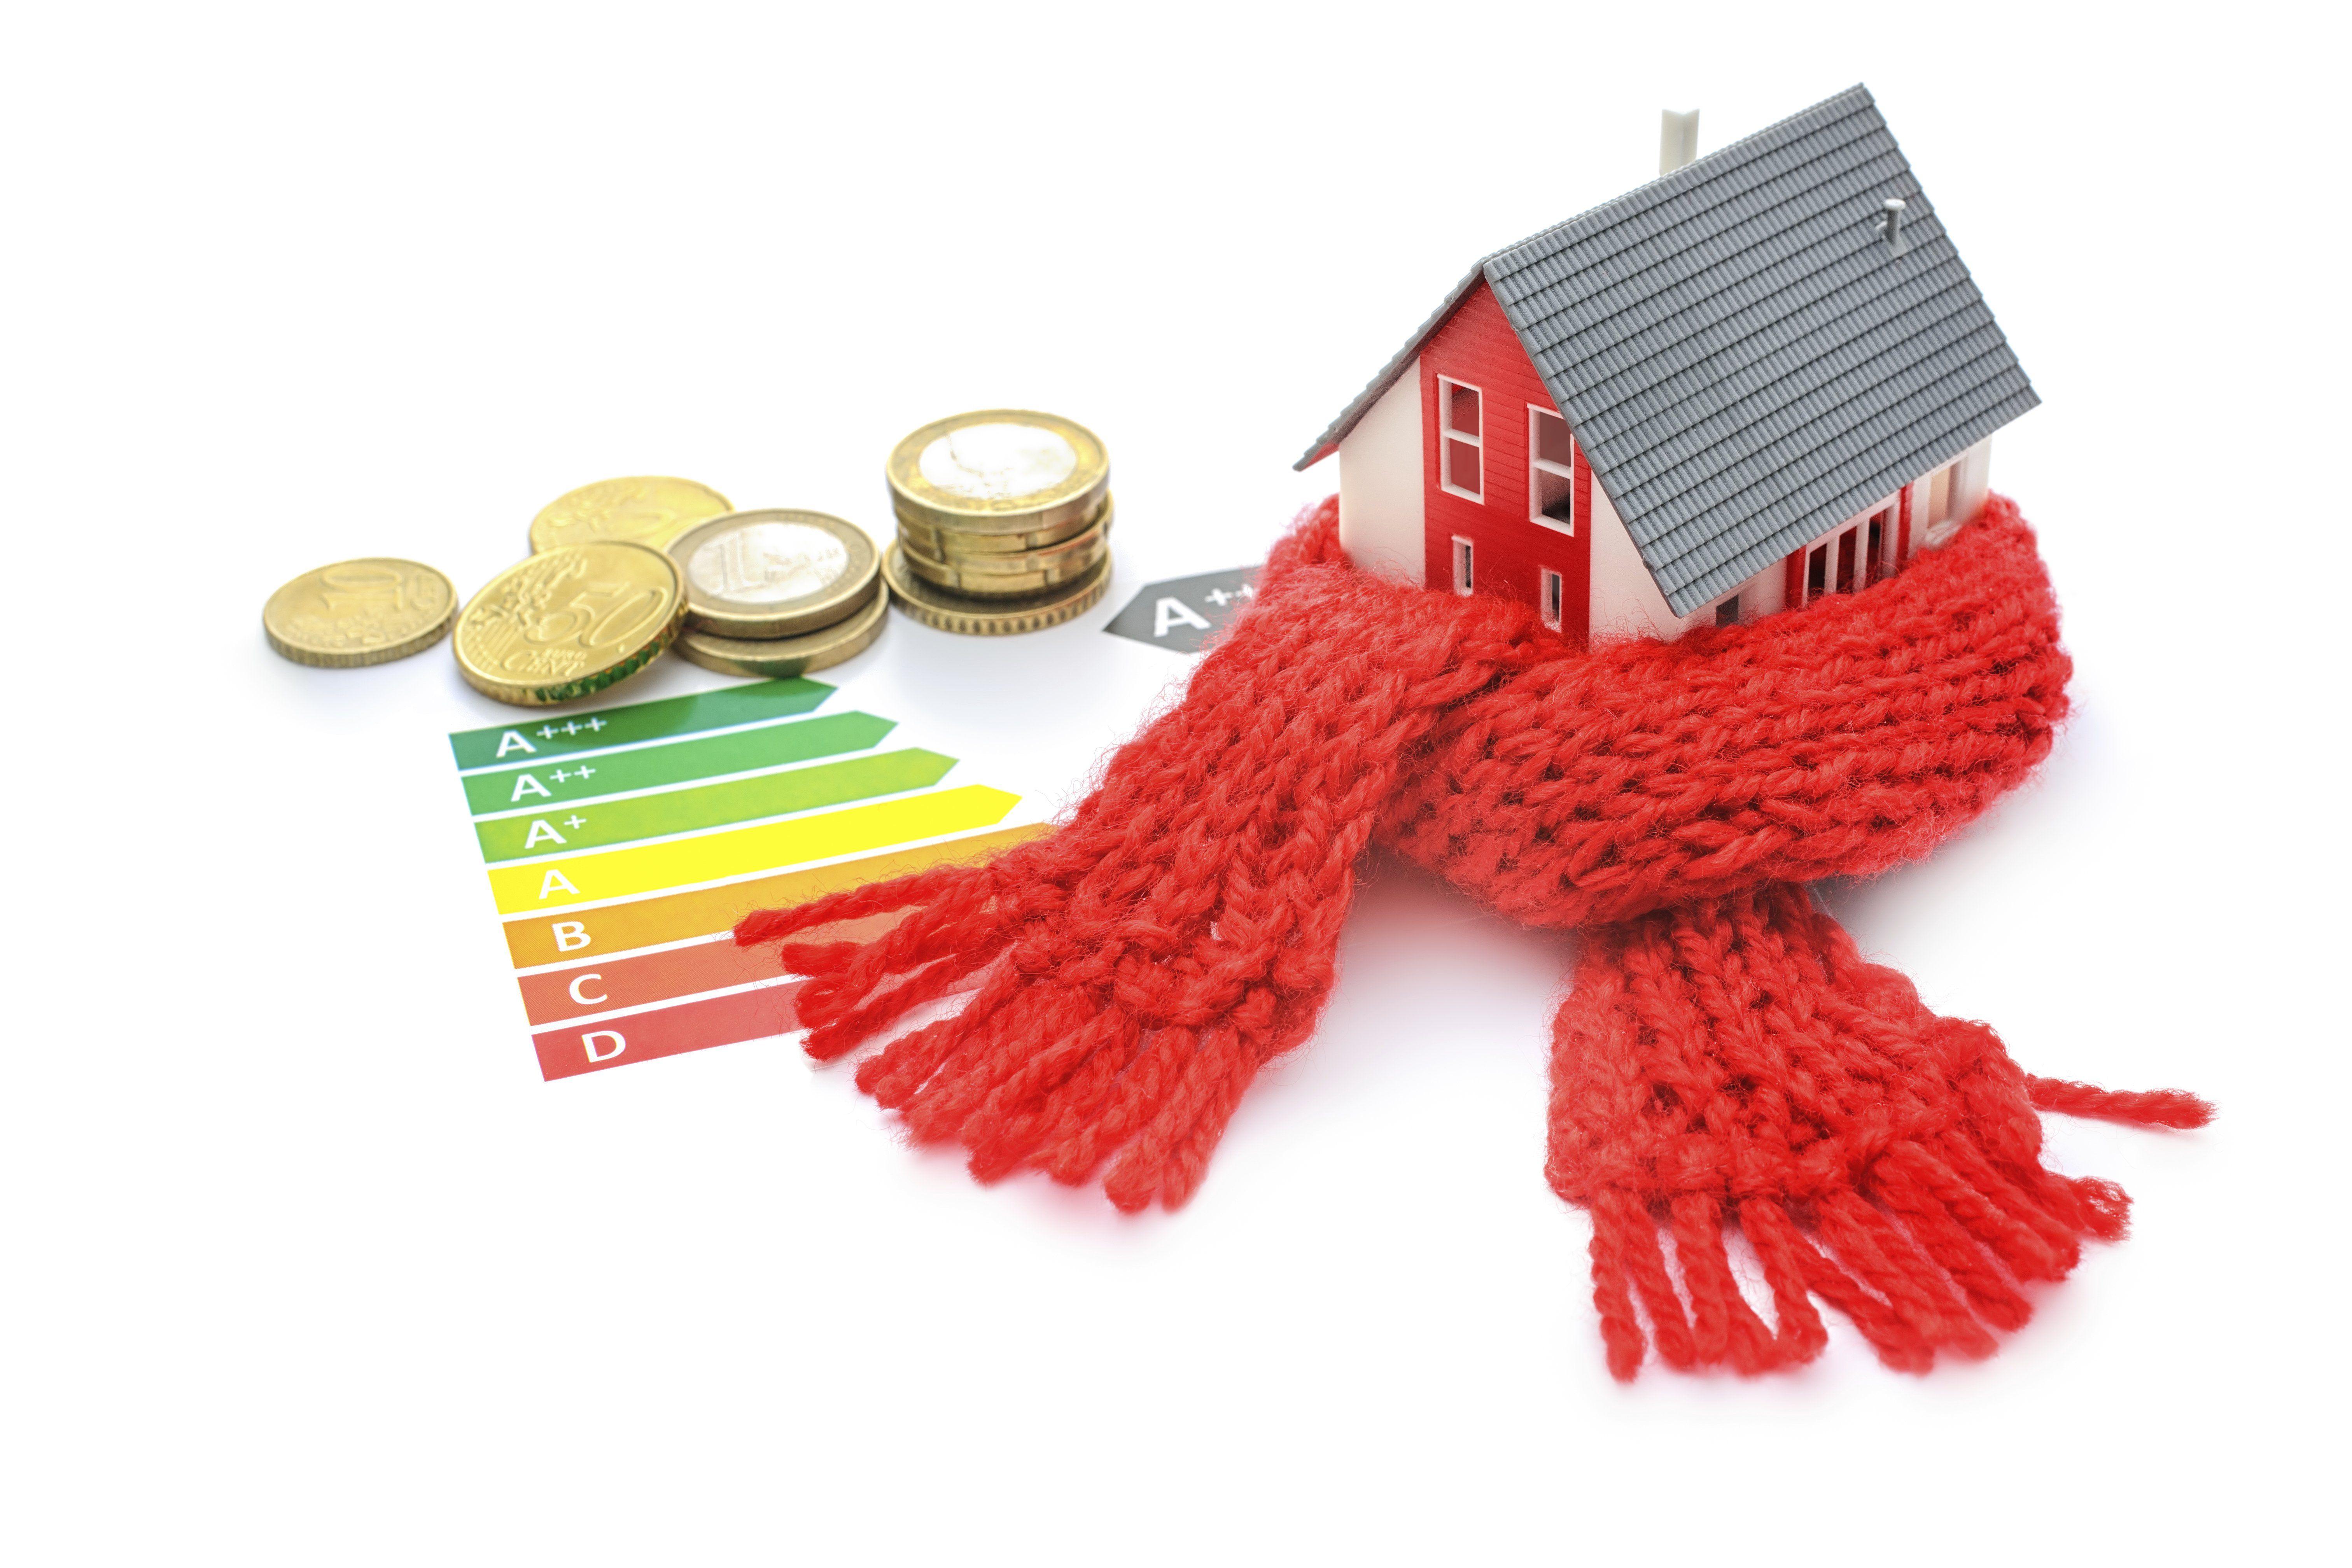 Aislamiento térmico: Productos de Efic-Habitat Plus